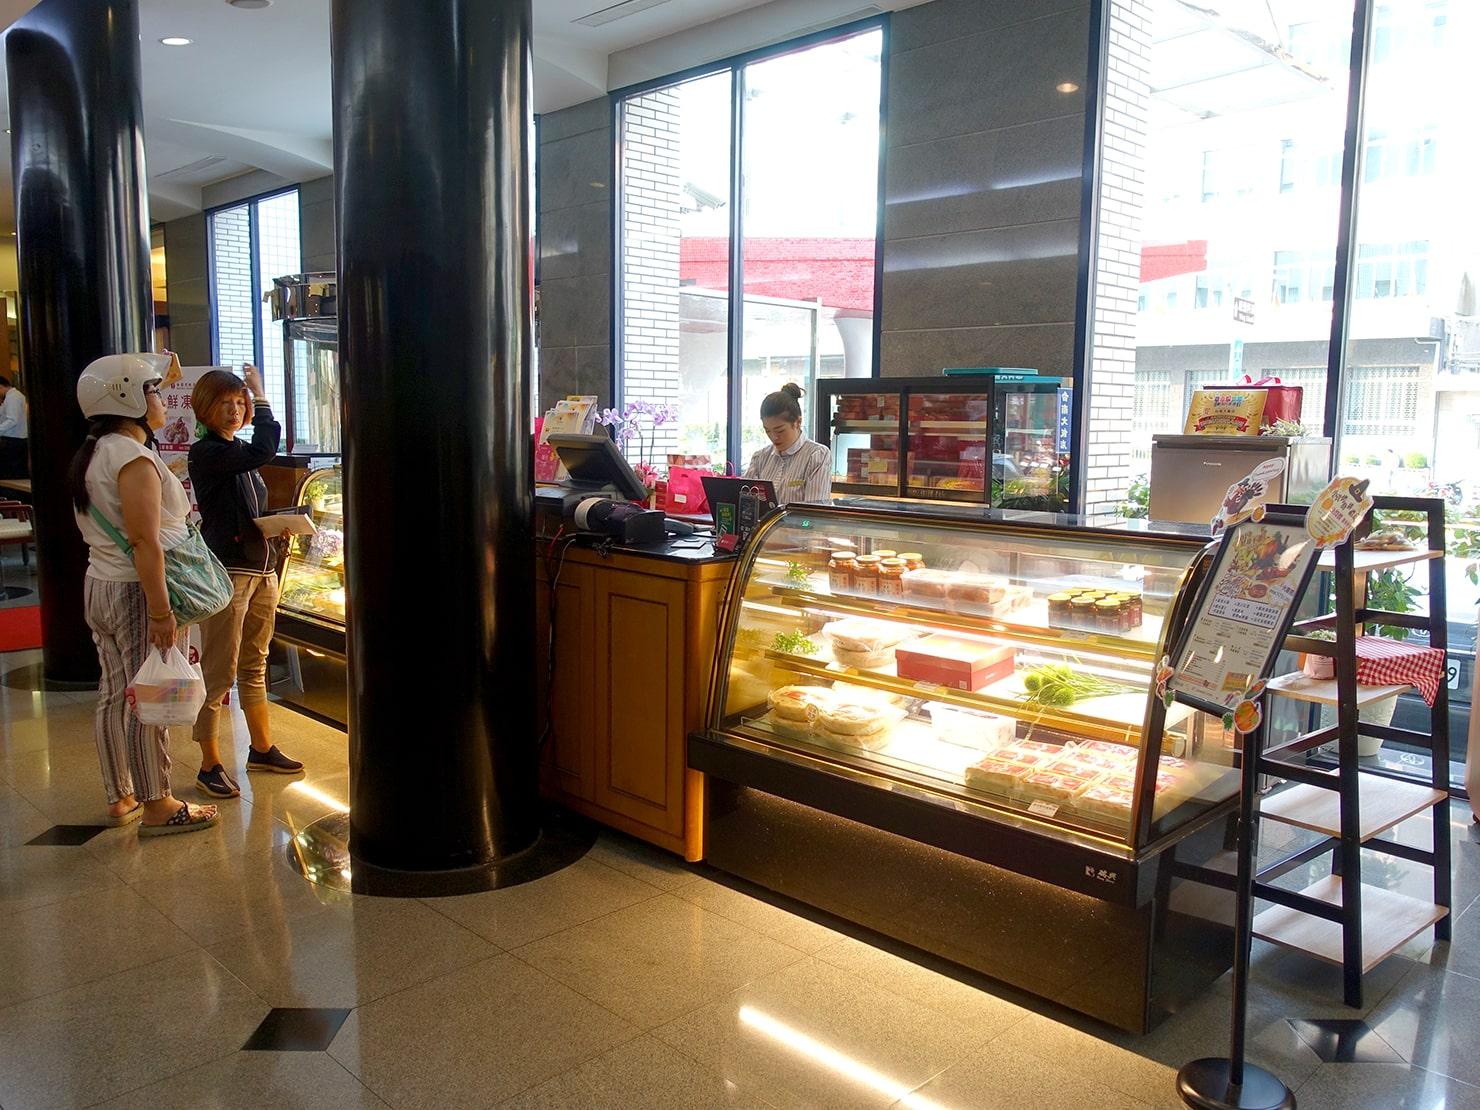 台南駅が目の前の老舗ホテル「台南大飯店 Hotel Tainan」のロビーにあるベーカリー